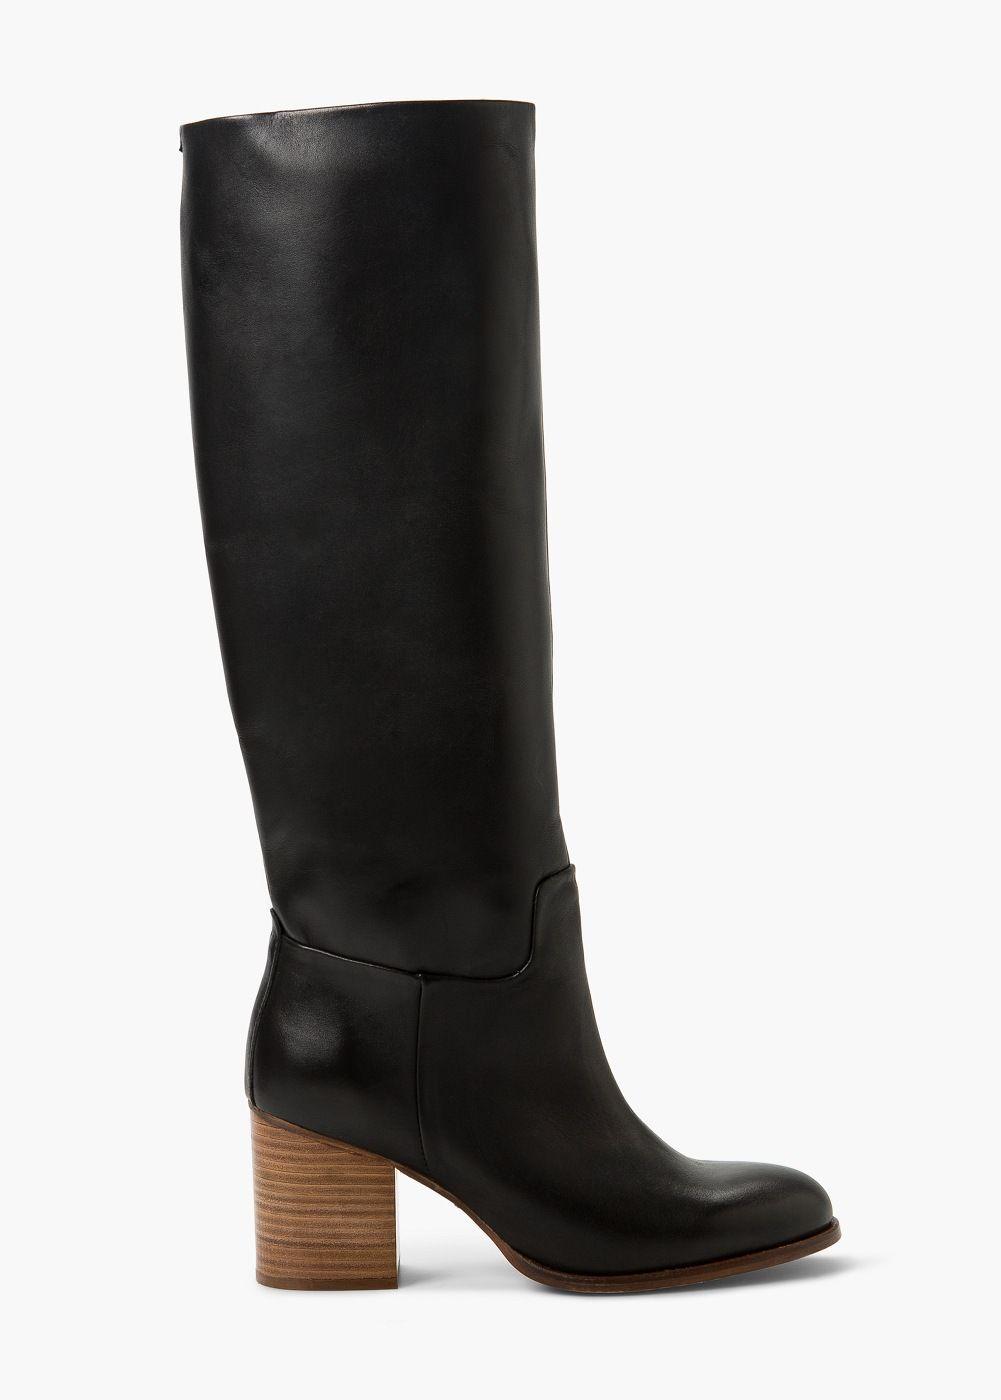 Bottes hautes cuir - Chaussures pour Femme | MANGO